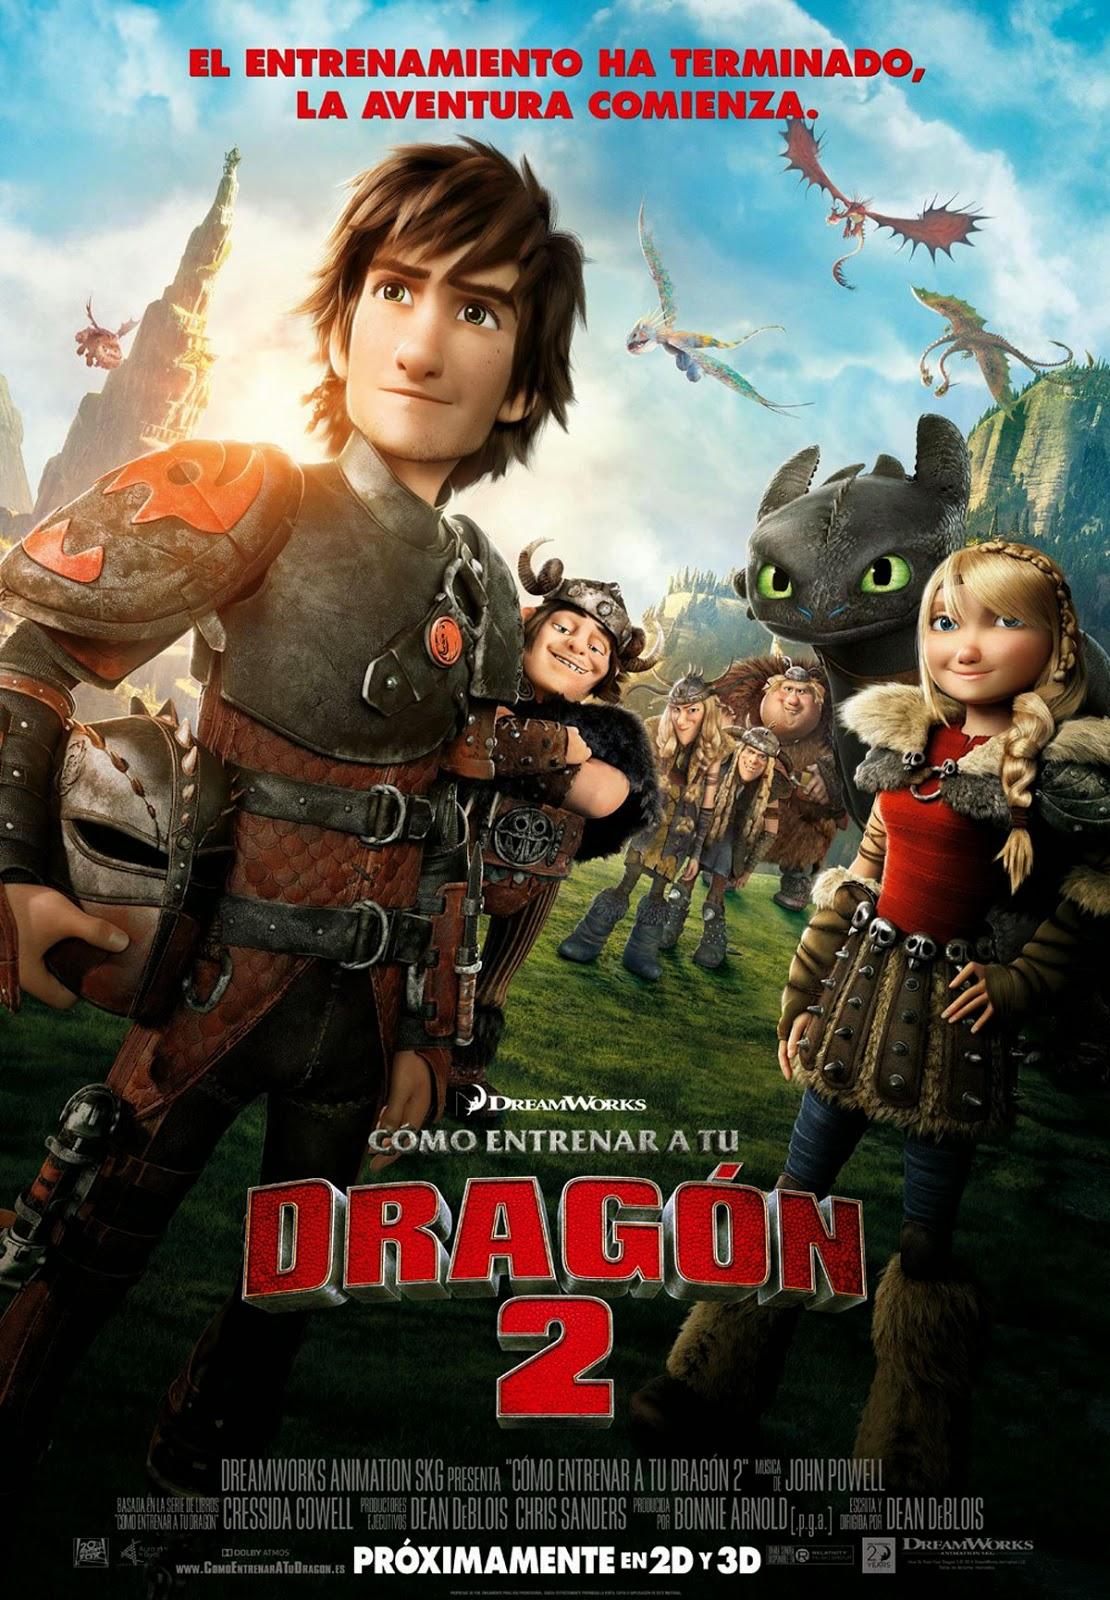 http://abanicodelibros.blogspot.com.es/2014/08/resena-como-entrenar-tu-dragon-2.html